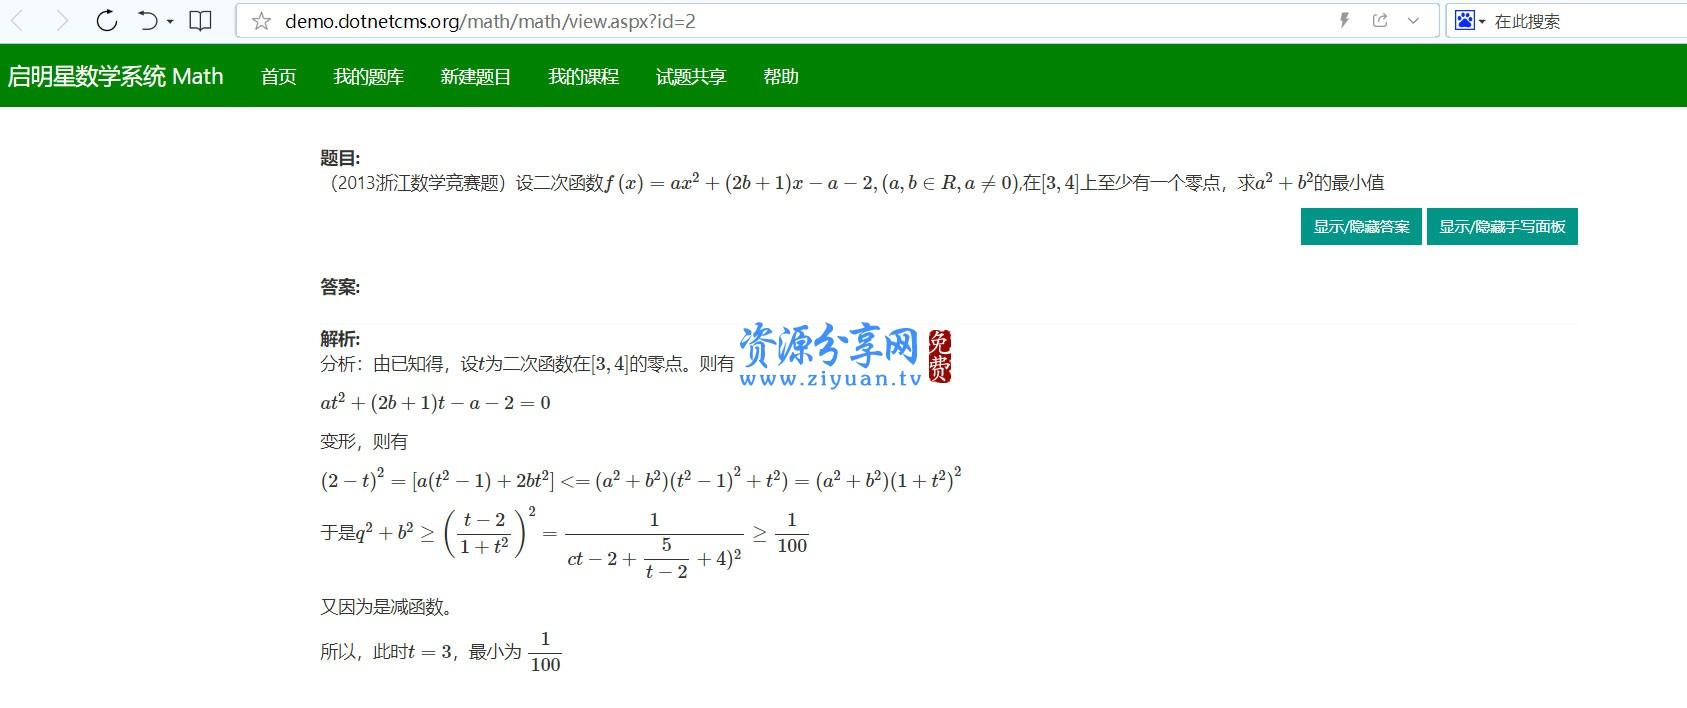 启明星数学系统 Math v4.0 单机免费版+老师建立自己的教学题库+支持分享共享题目